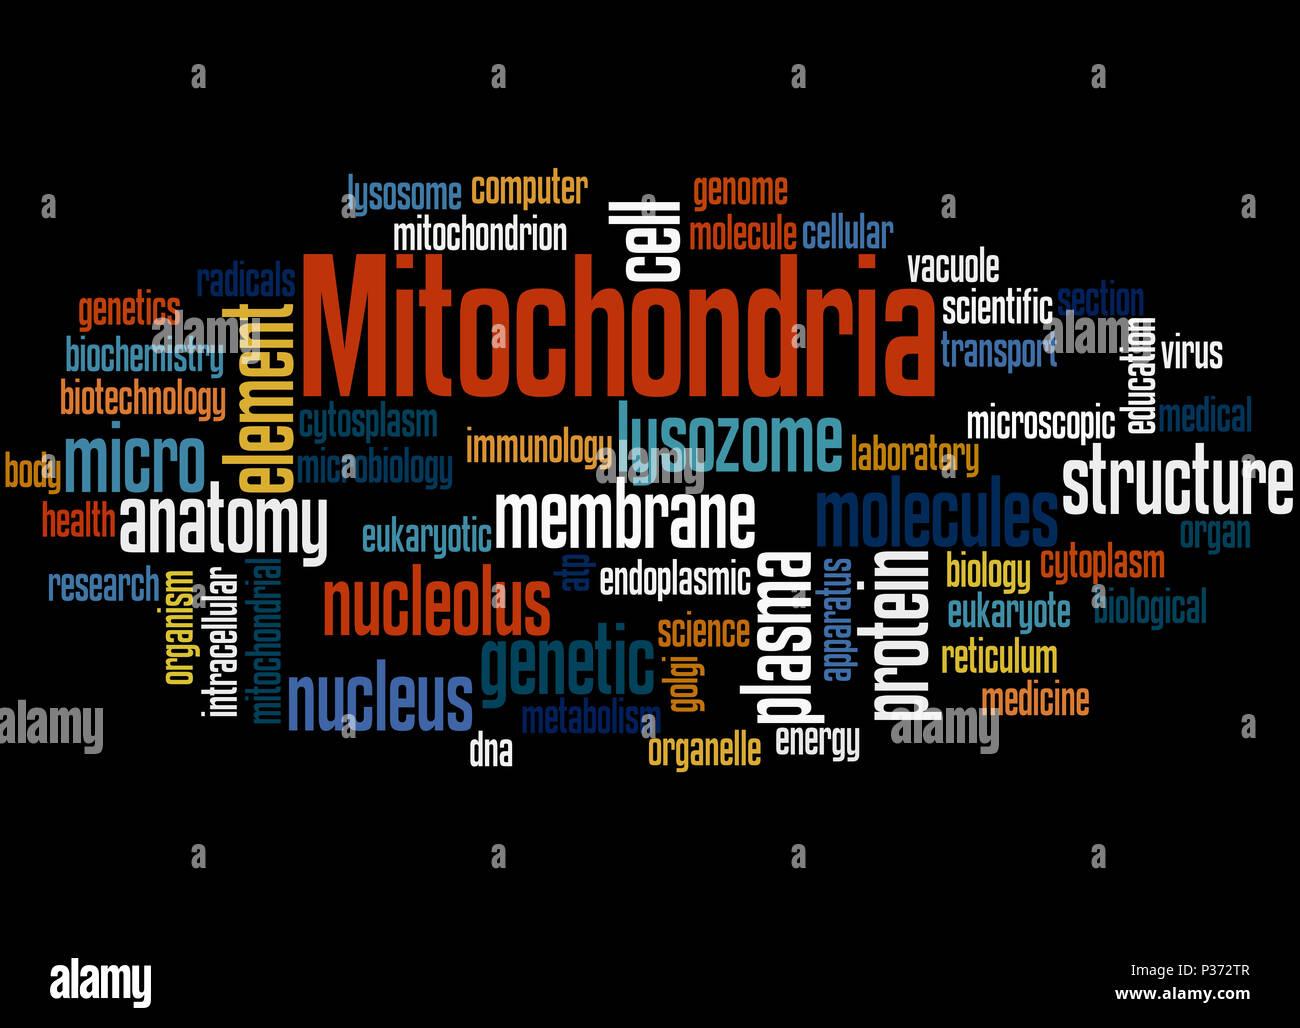 Les mitochondries, mot concept cloud sur fond noir. Banque D'Images